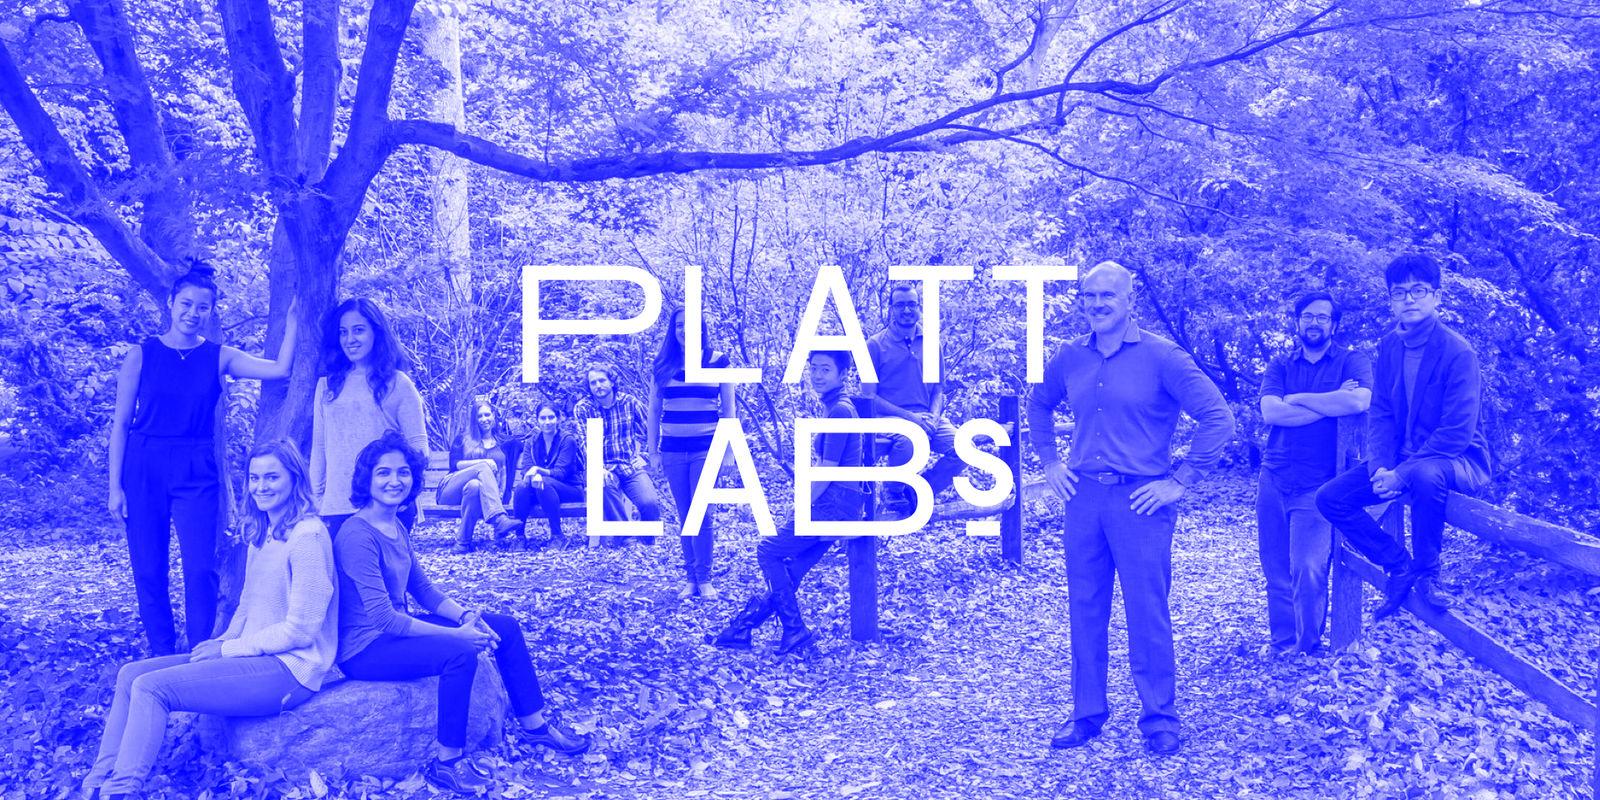 platt labs team marquee image